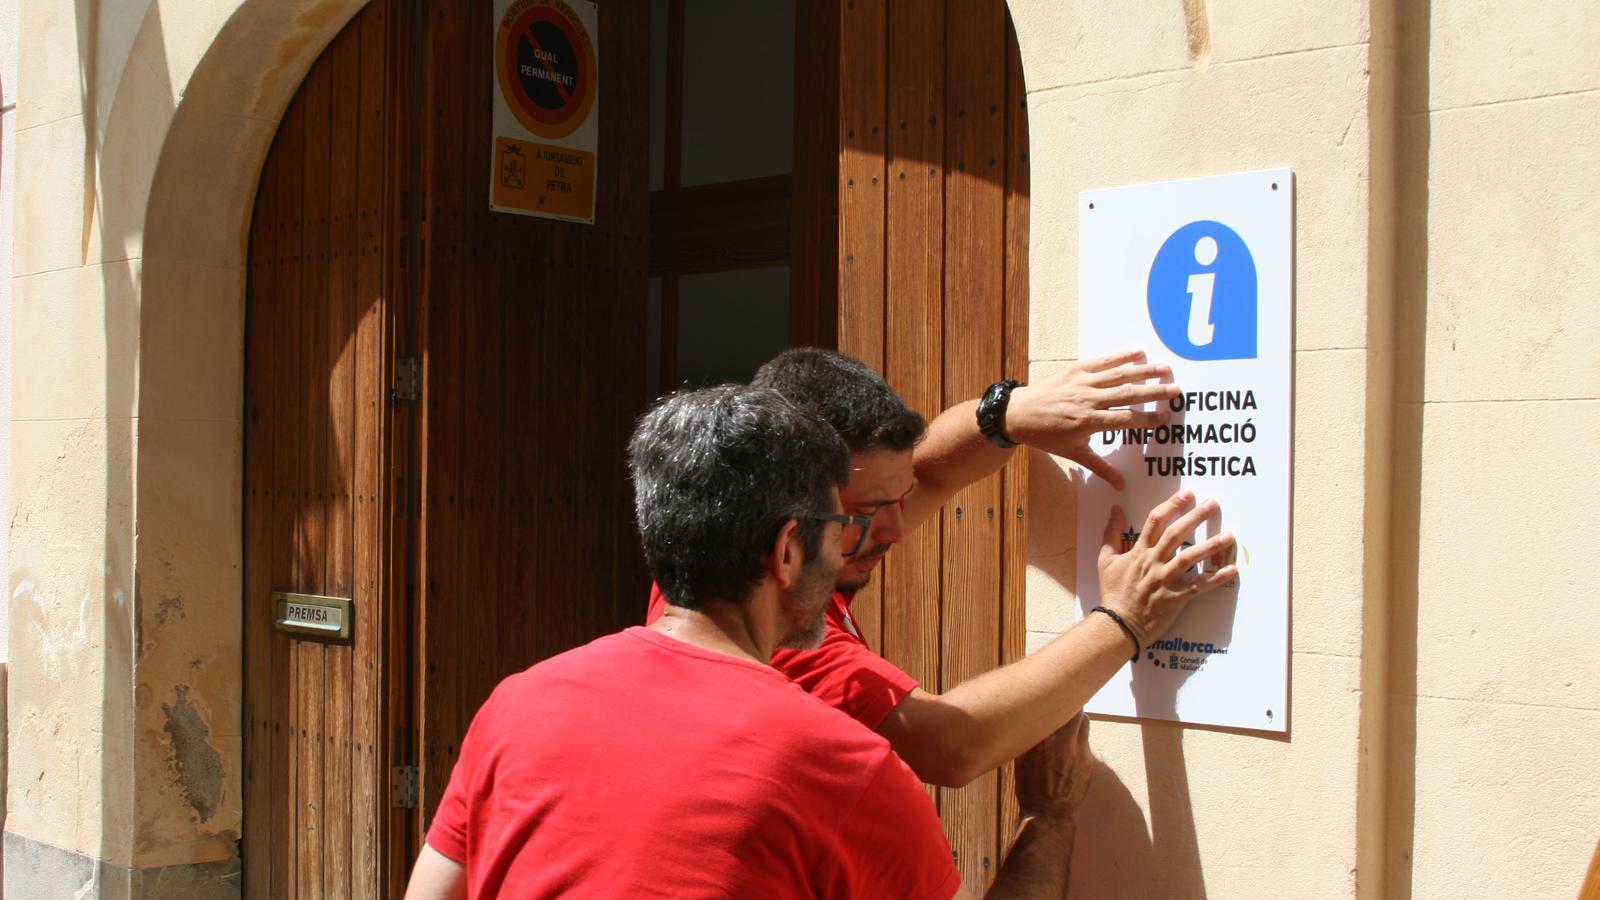 La Mancomunitat del Pla acaba d'obrir una oficina turística vora la seu de l'entitat, al carrer Hospital de Petra.